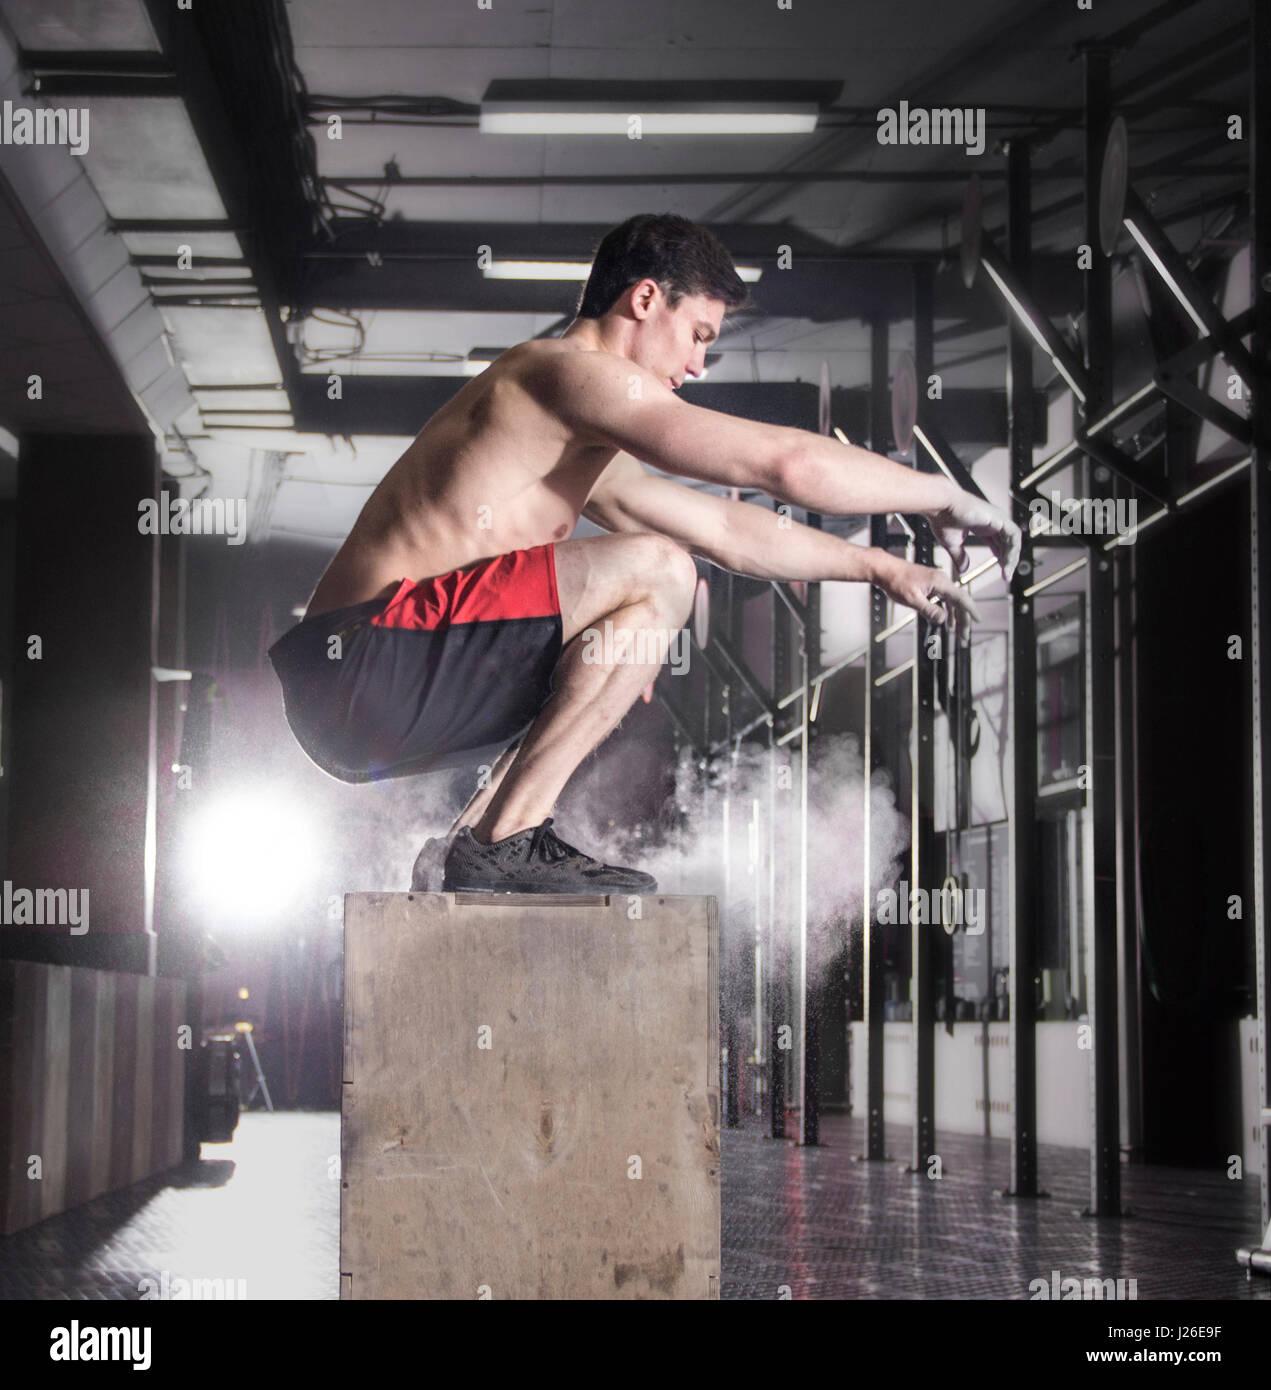 Aplicar a caixa de jovem pulando em um ginásio crossfit.atleta é performin Imagens de Stock